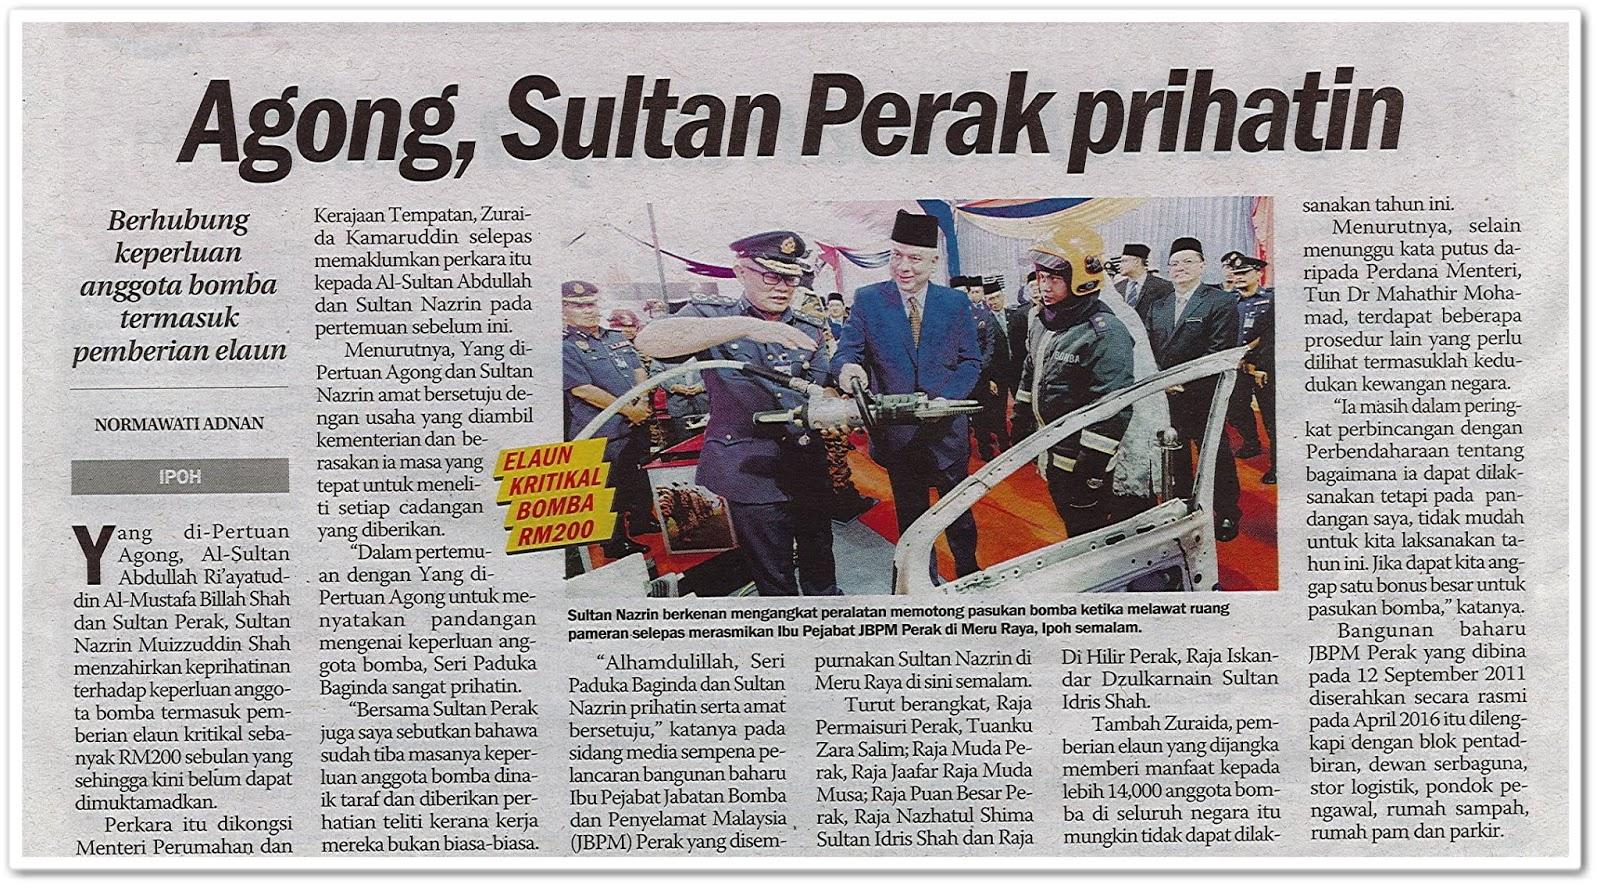 Agong, Sultan Perak prihatin - Keratan akhbar Sinar Harian 9 Julai 2019